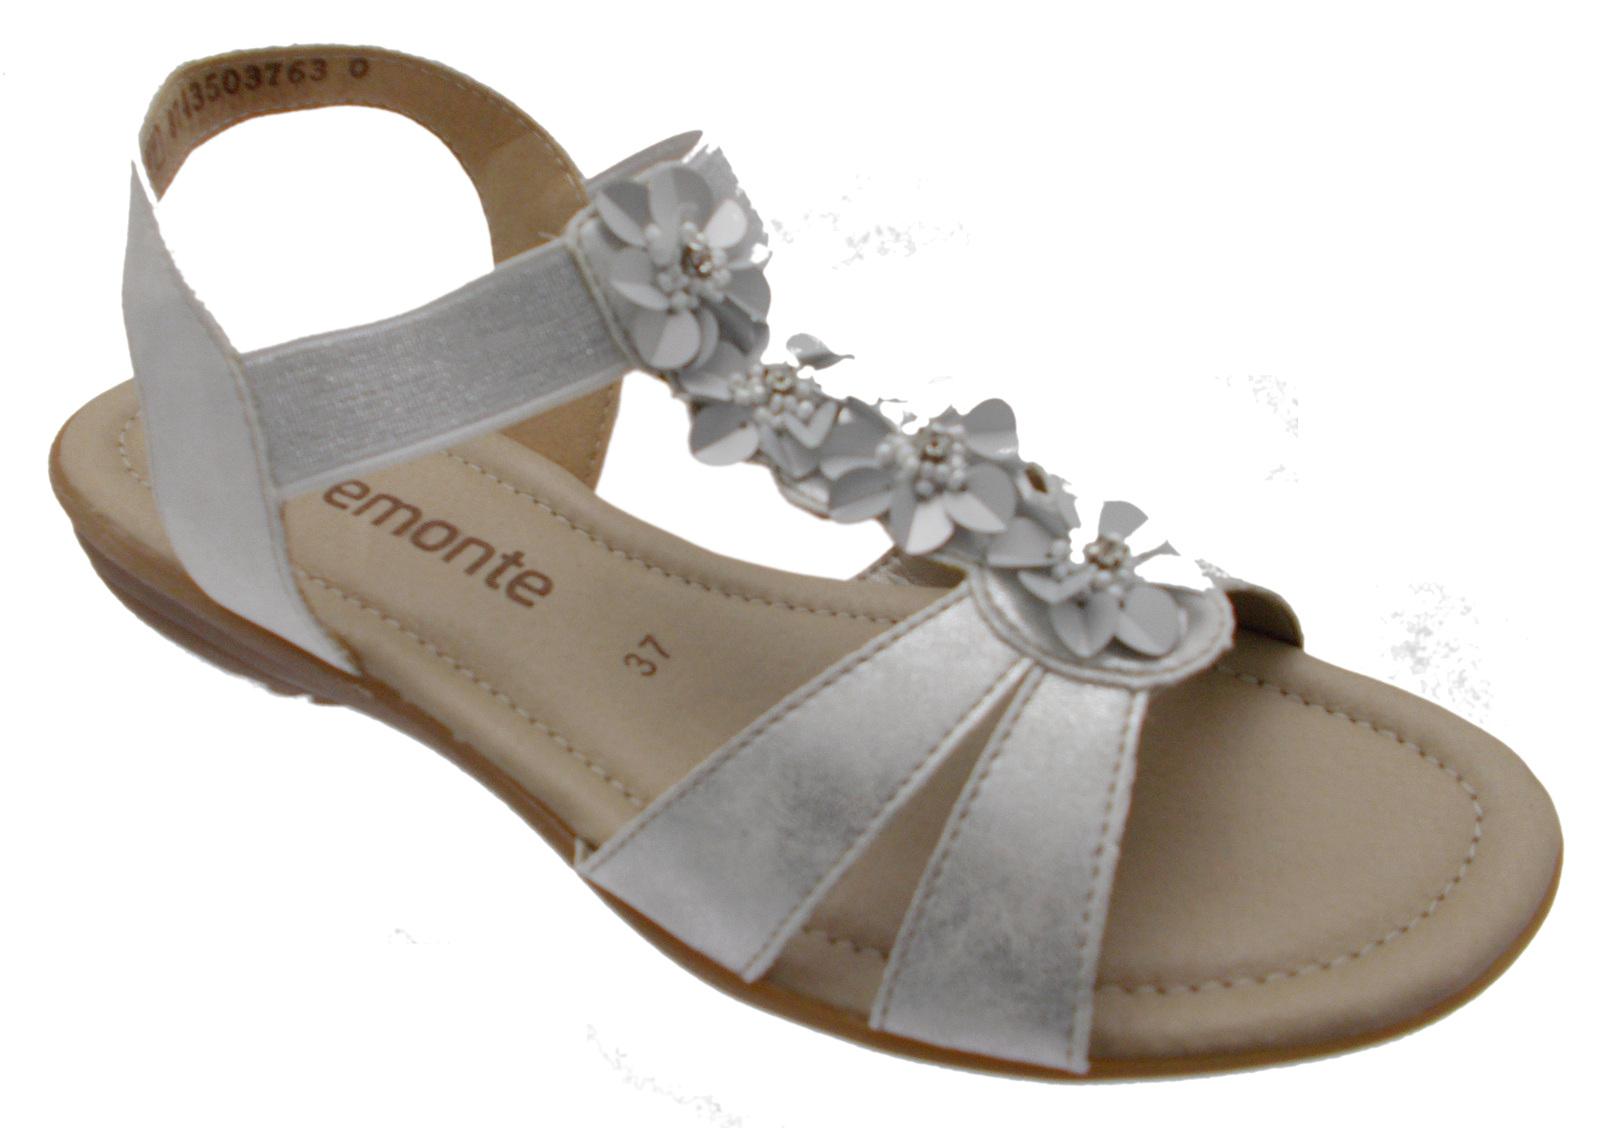 R3633-90 fiori sandalo donna argento bianco fiori R3633-90 soft memory Remonte 74dfbc